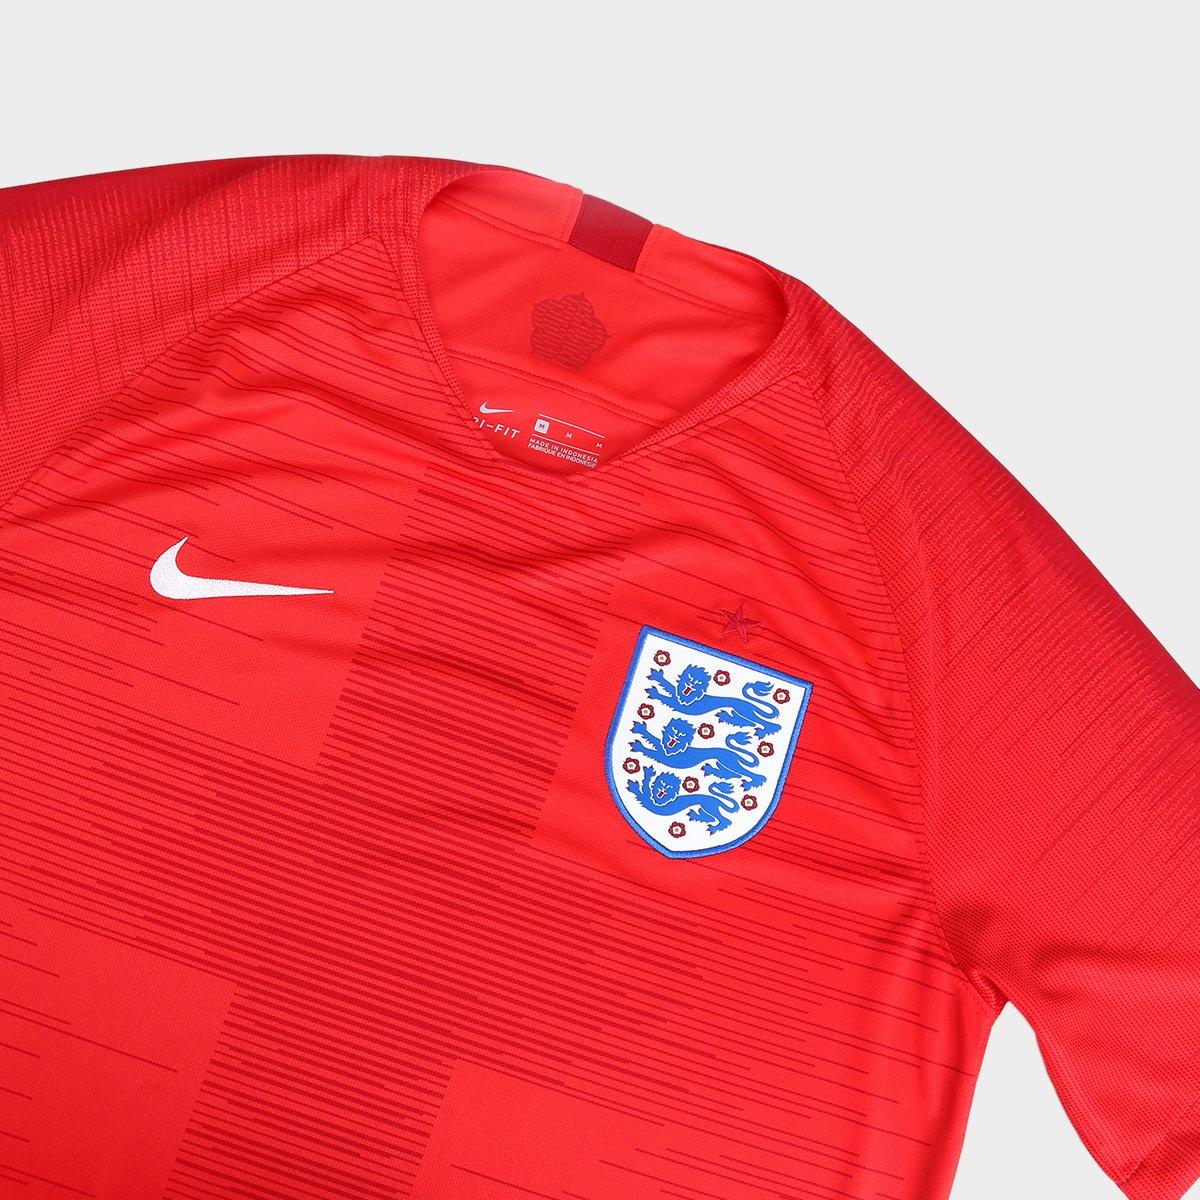 1bb1612215 Camisa Seleção Inglaterra Away 2018 s n° Torcedor Nike Masculino ...